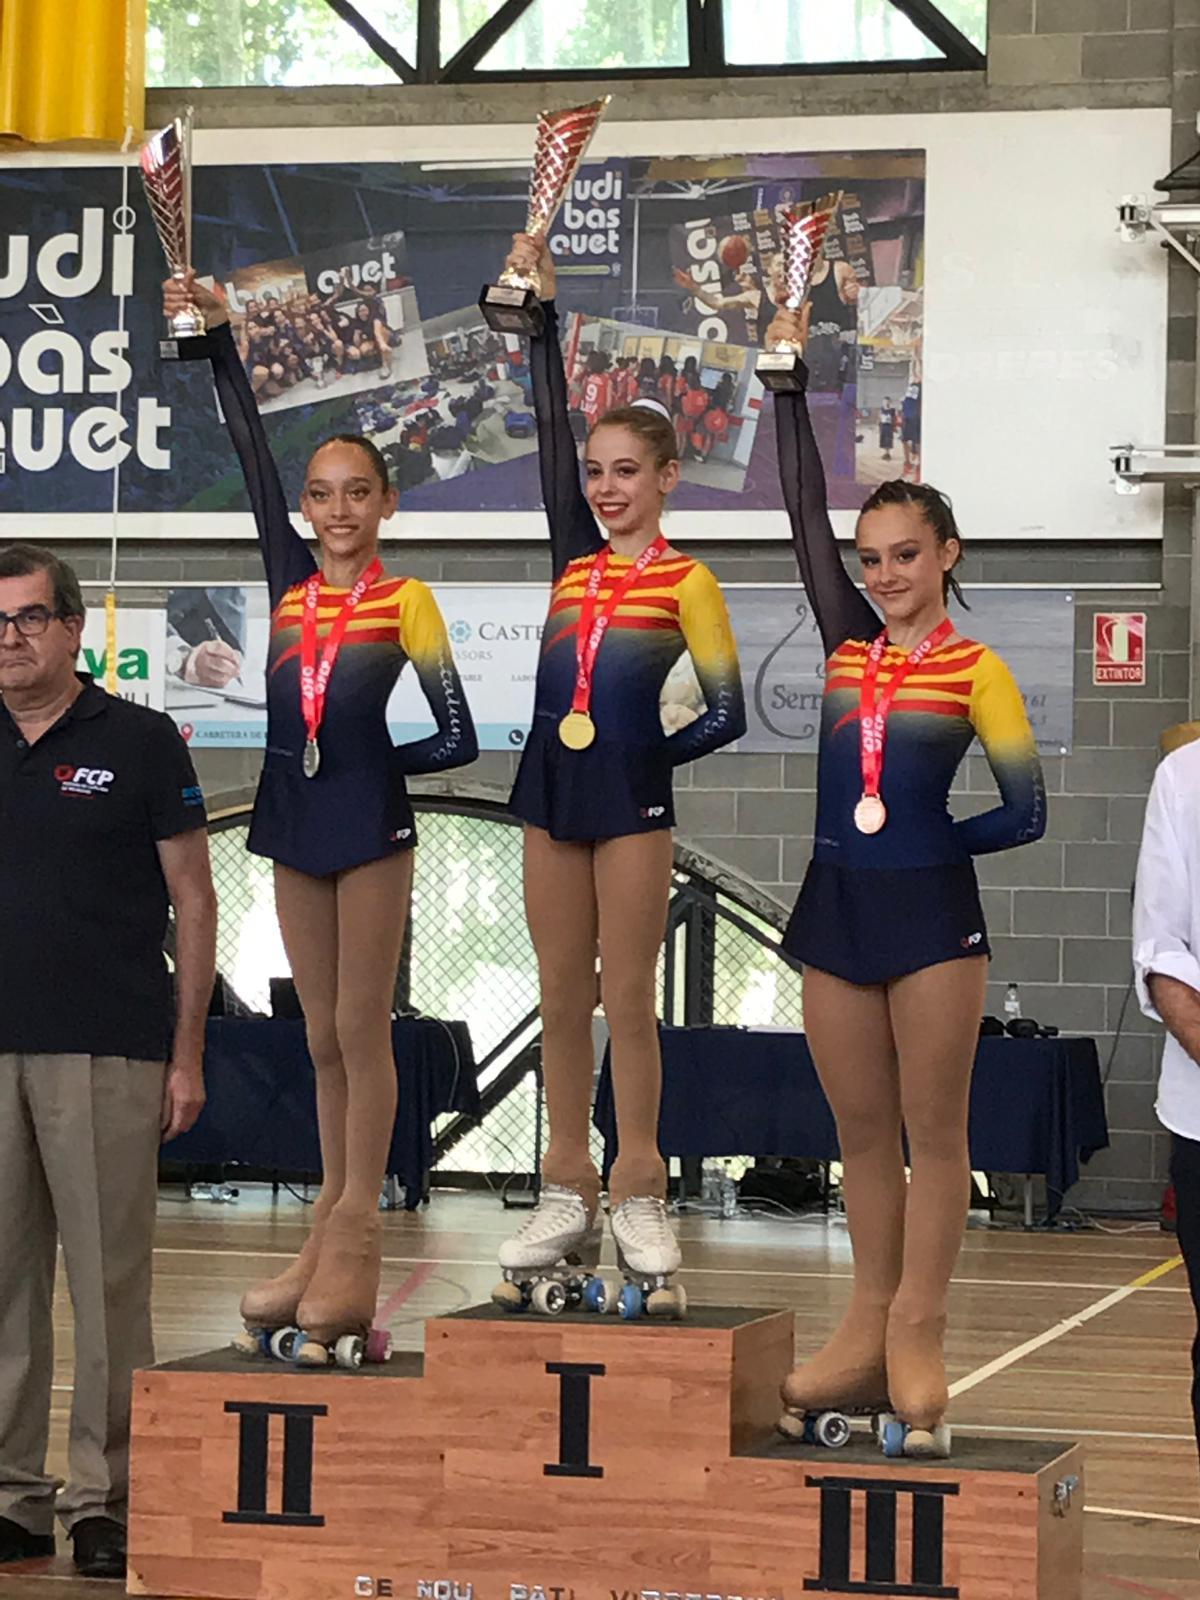 Les germanes Paula i Clàudia Román, campiones de Catalunya